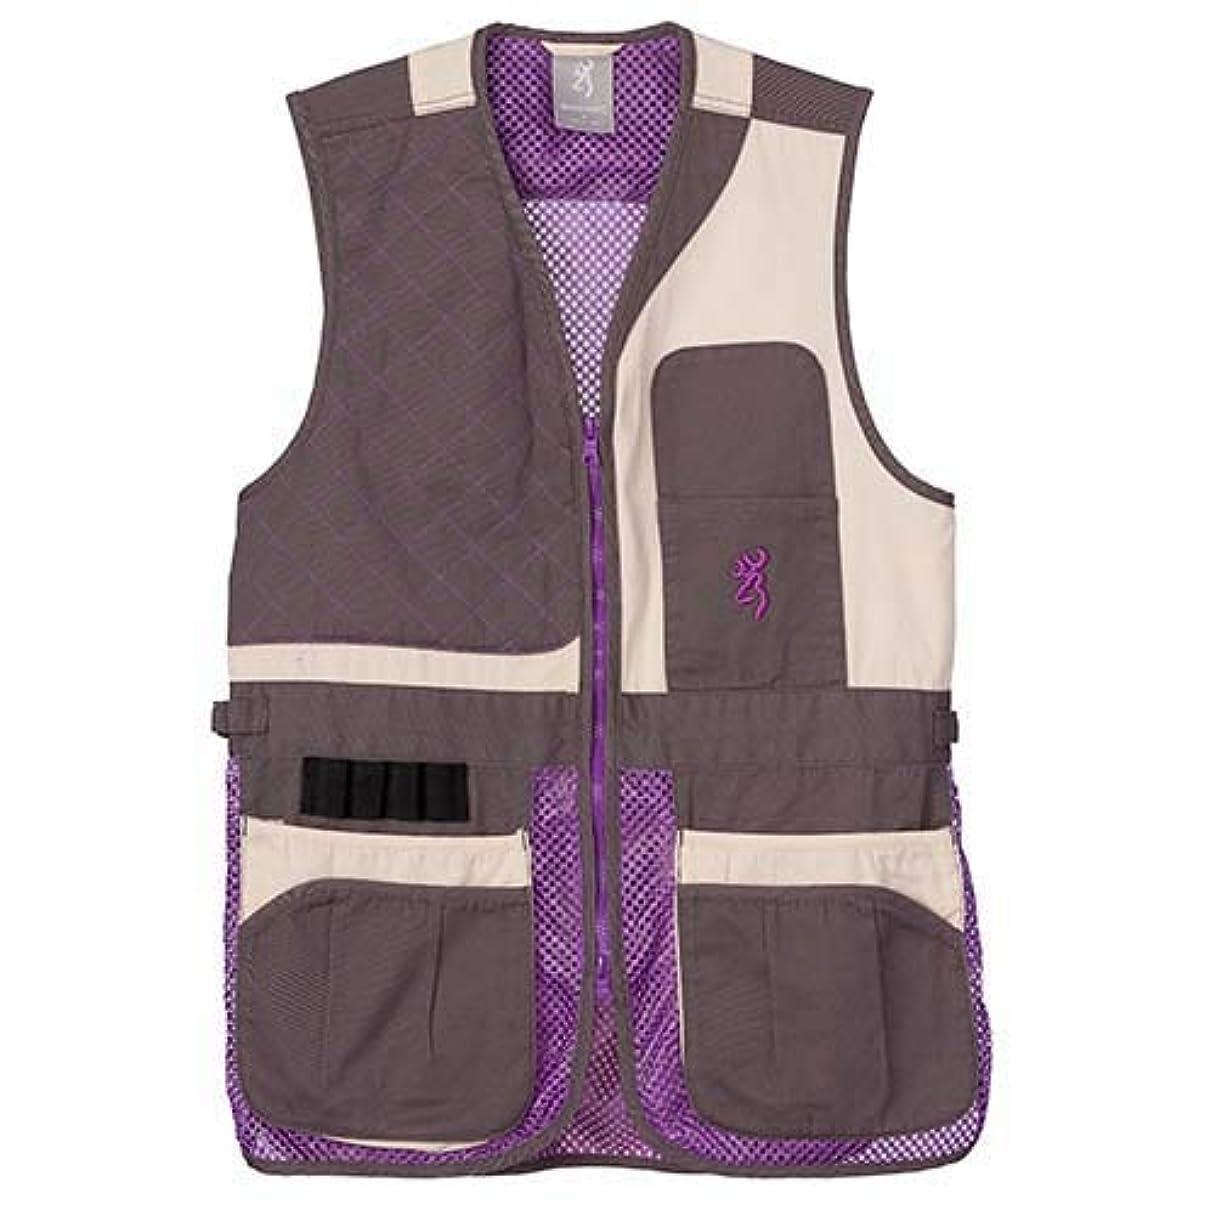 威する妊娠した表面BrowningレディースTrapper CreekメッシュShooting vest-cream/Plum/グレー